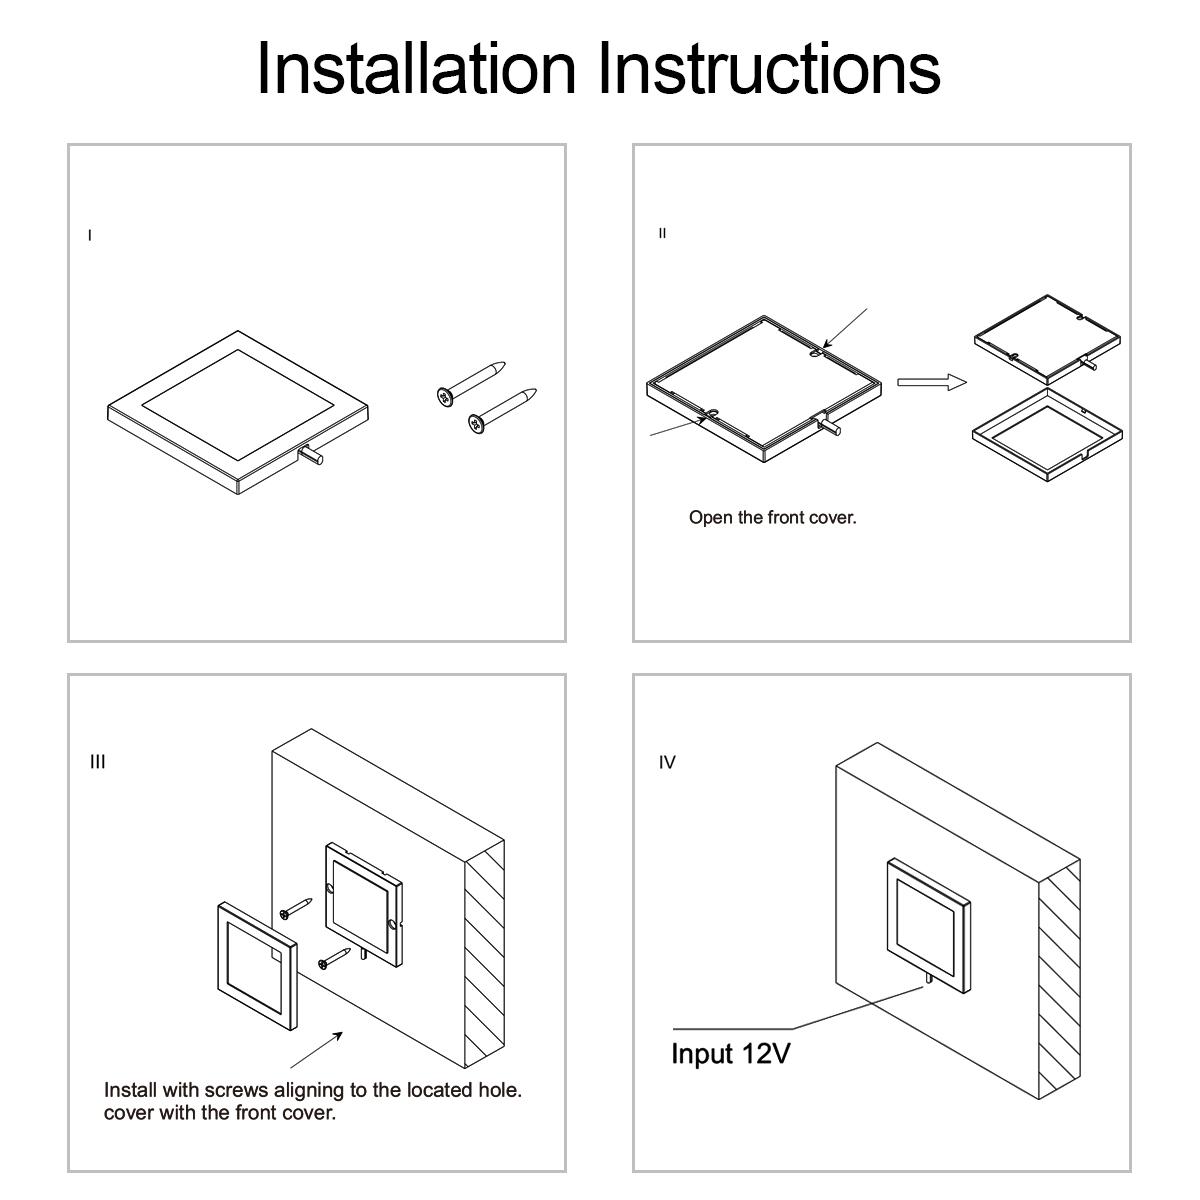 方形面板灯安装说明